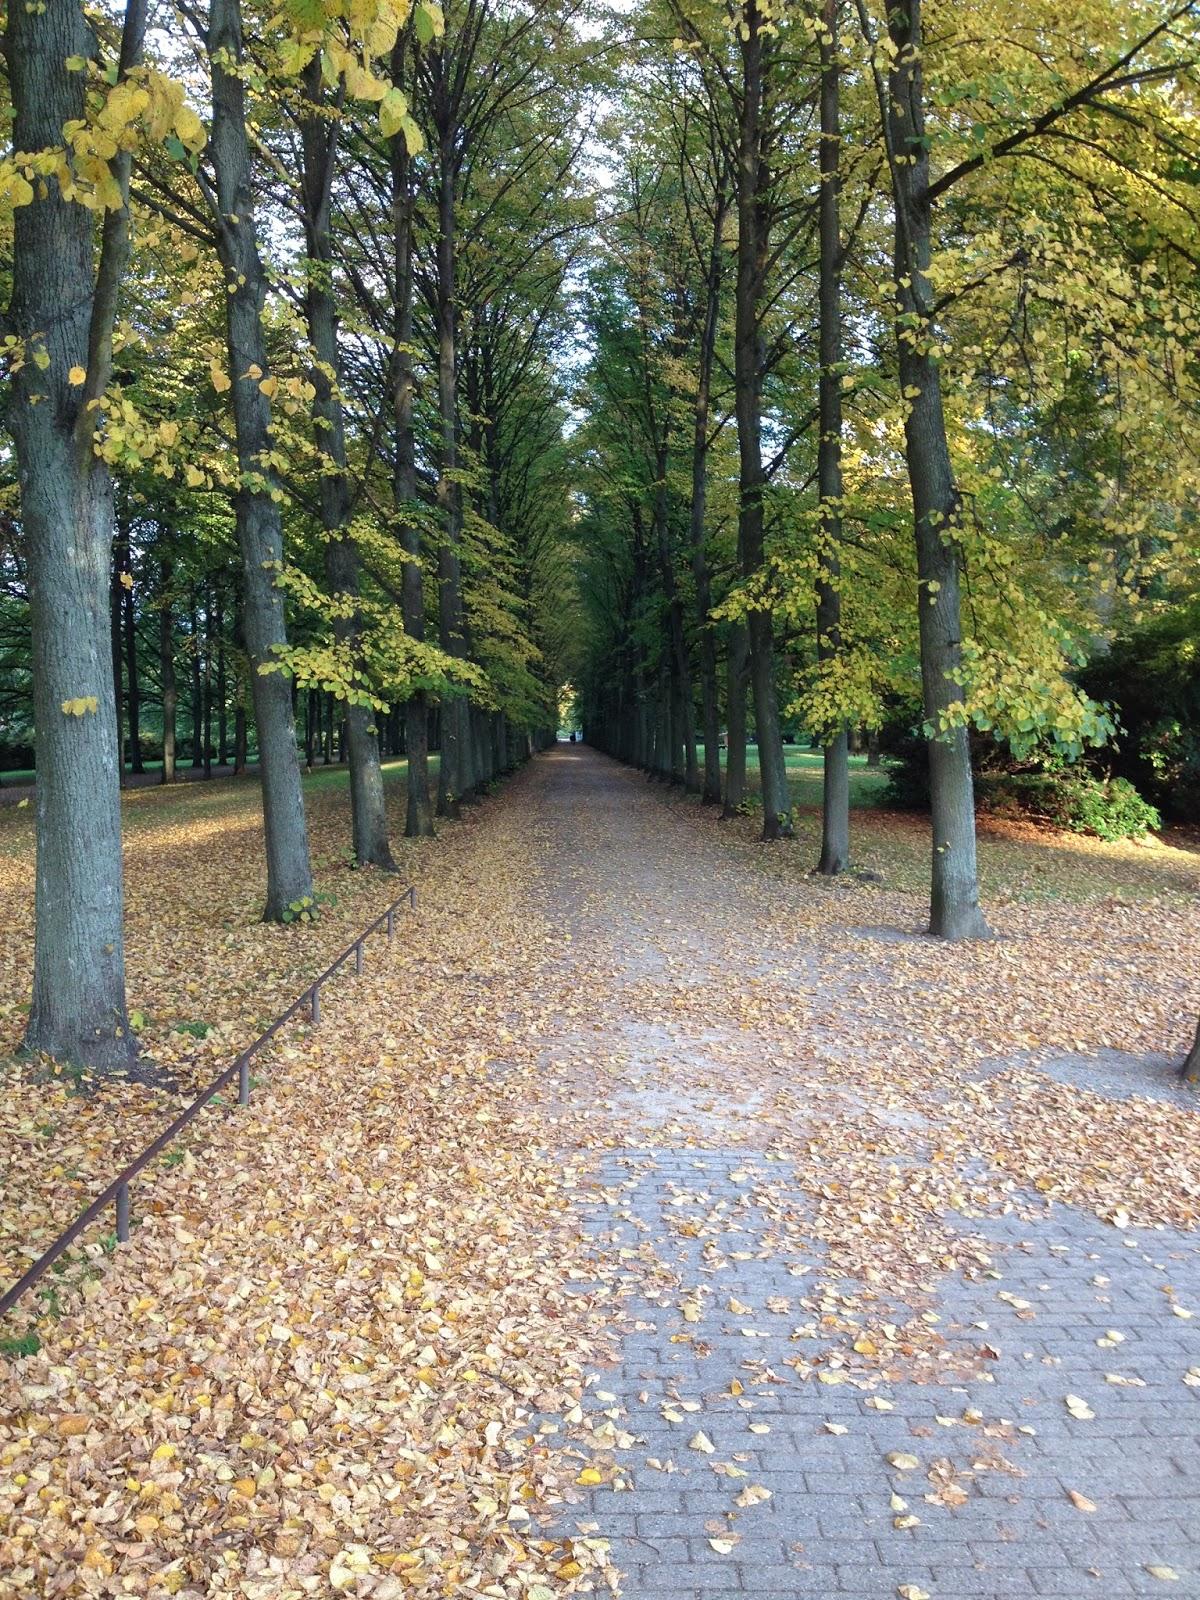 Allee, Bäume, Herbstlaufb auf Boden